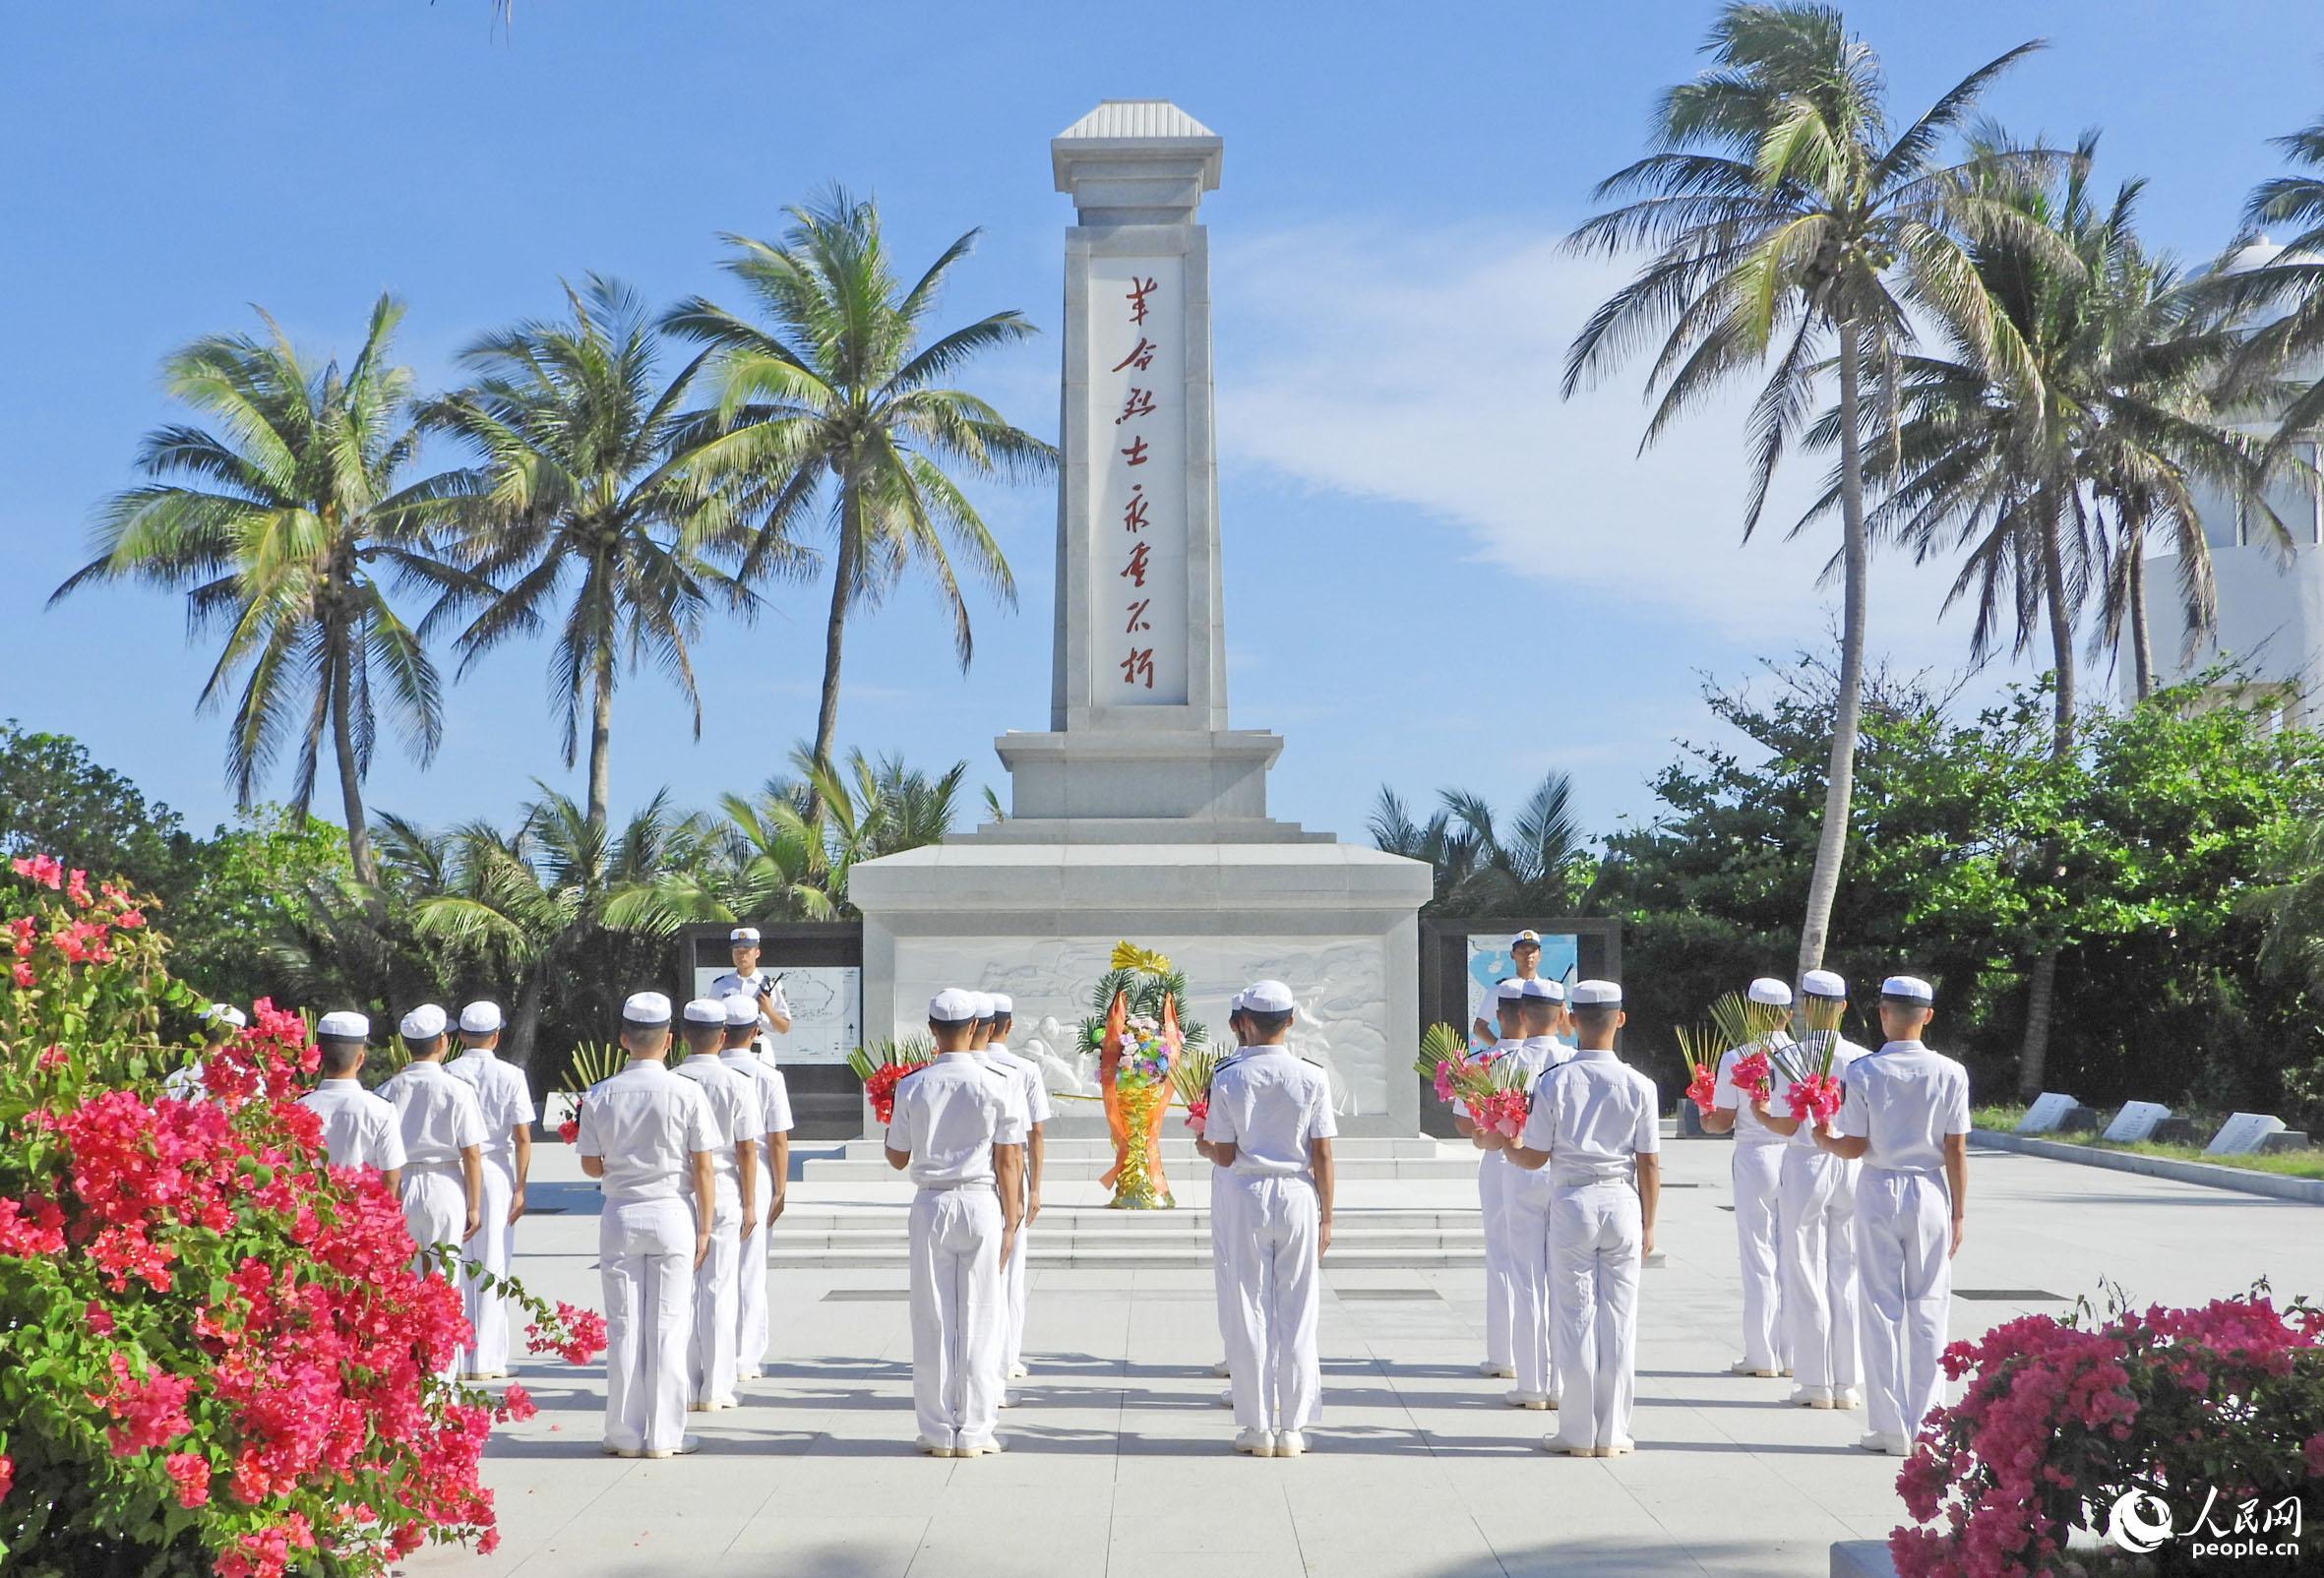 海军西沙某水警区举行祭扫仪式缅怀先烈